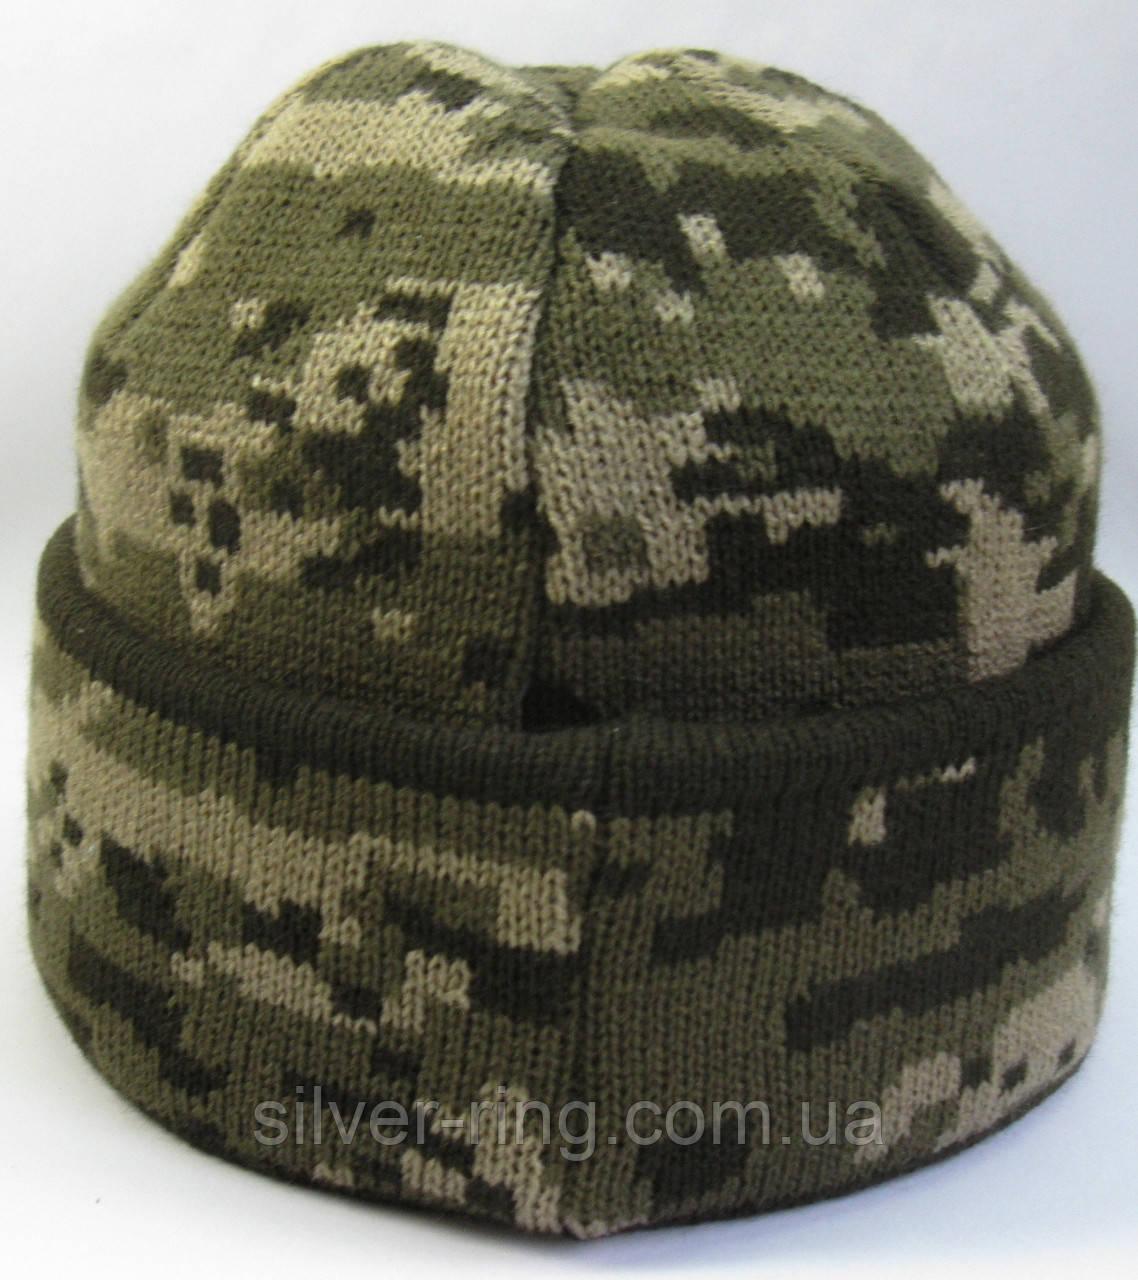 №2 -  Вязаная шапка вязаная пиксель с подворотом, флисом на всю голову